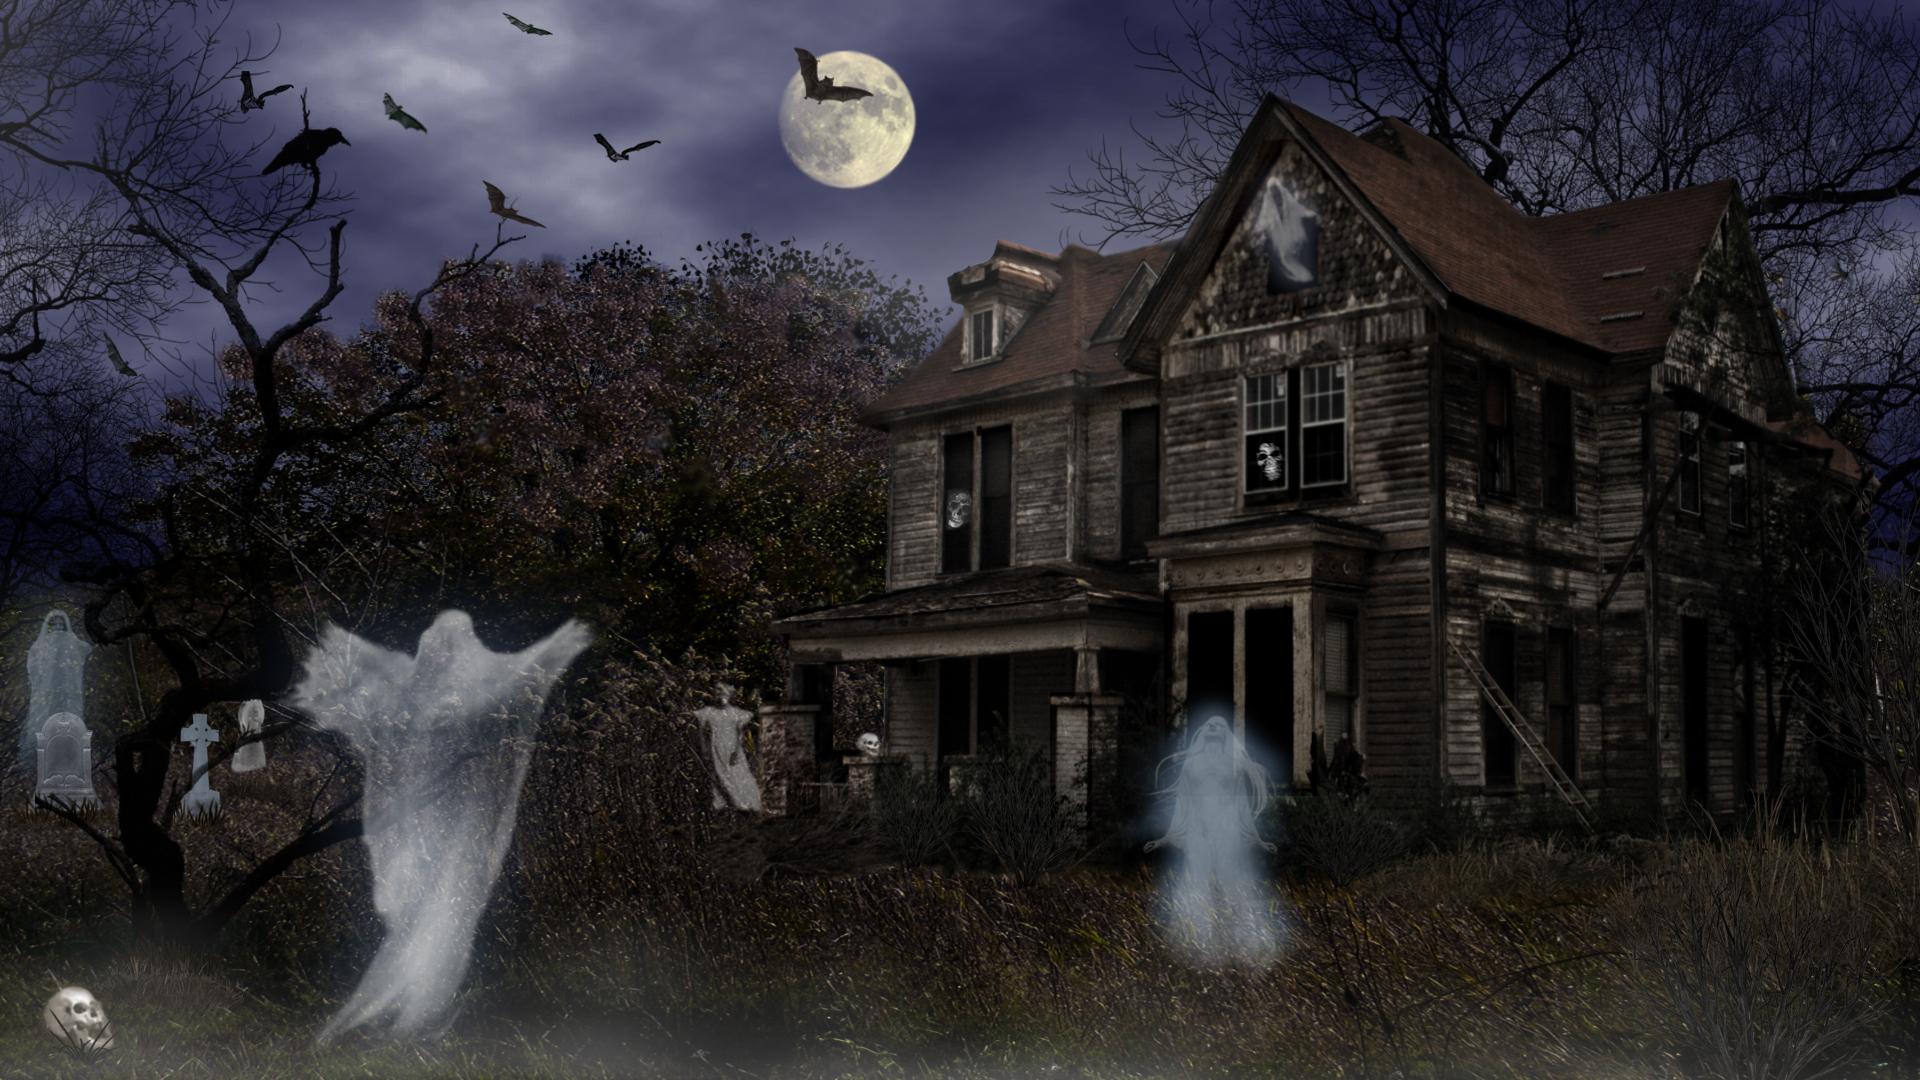 Halloween Wallpaper and Screensavers - WallpaperSafari